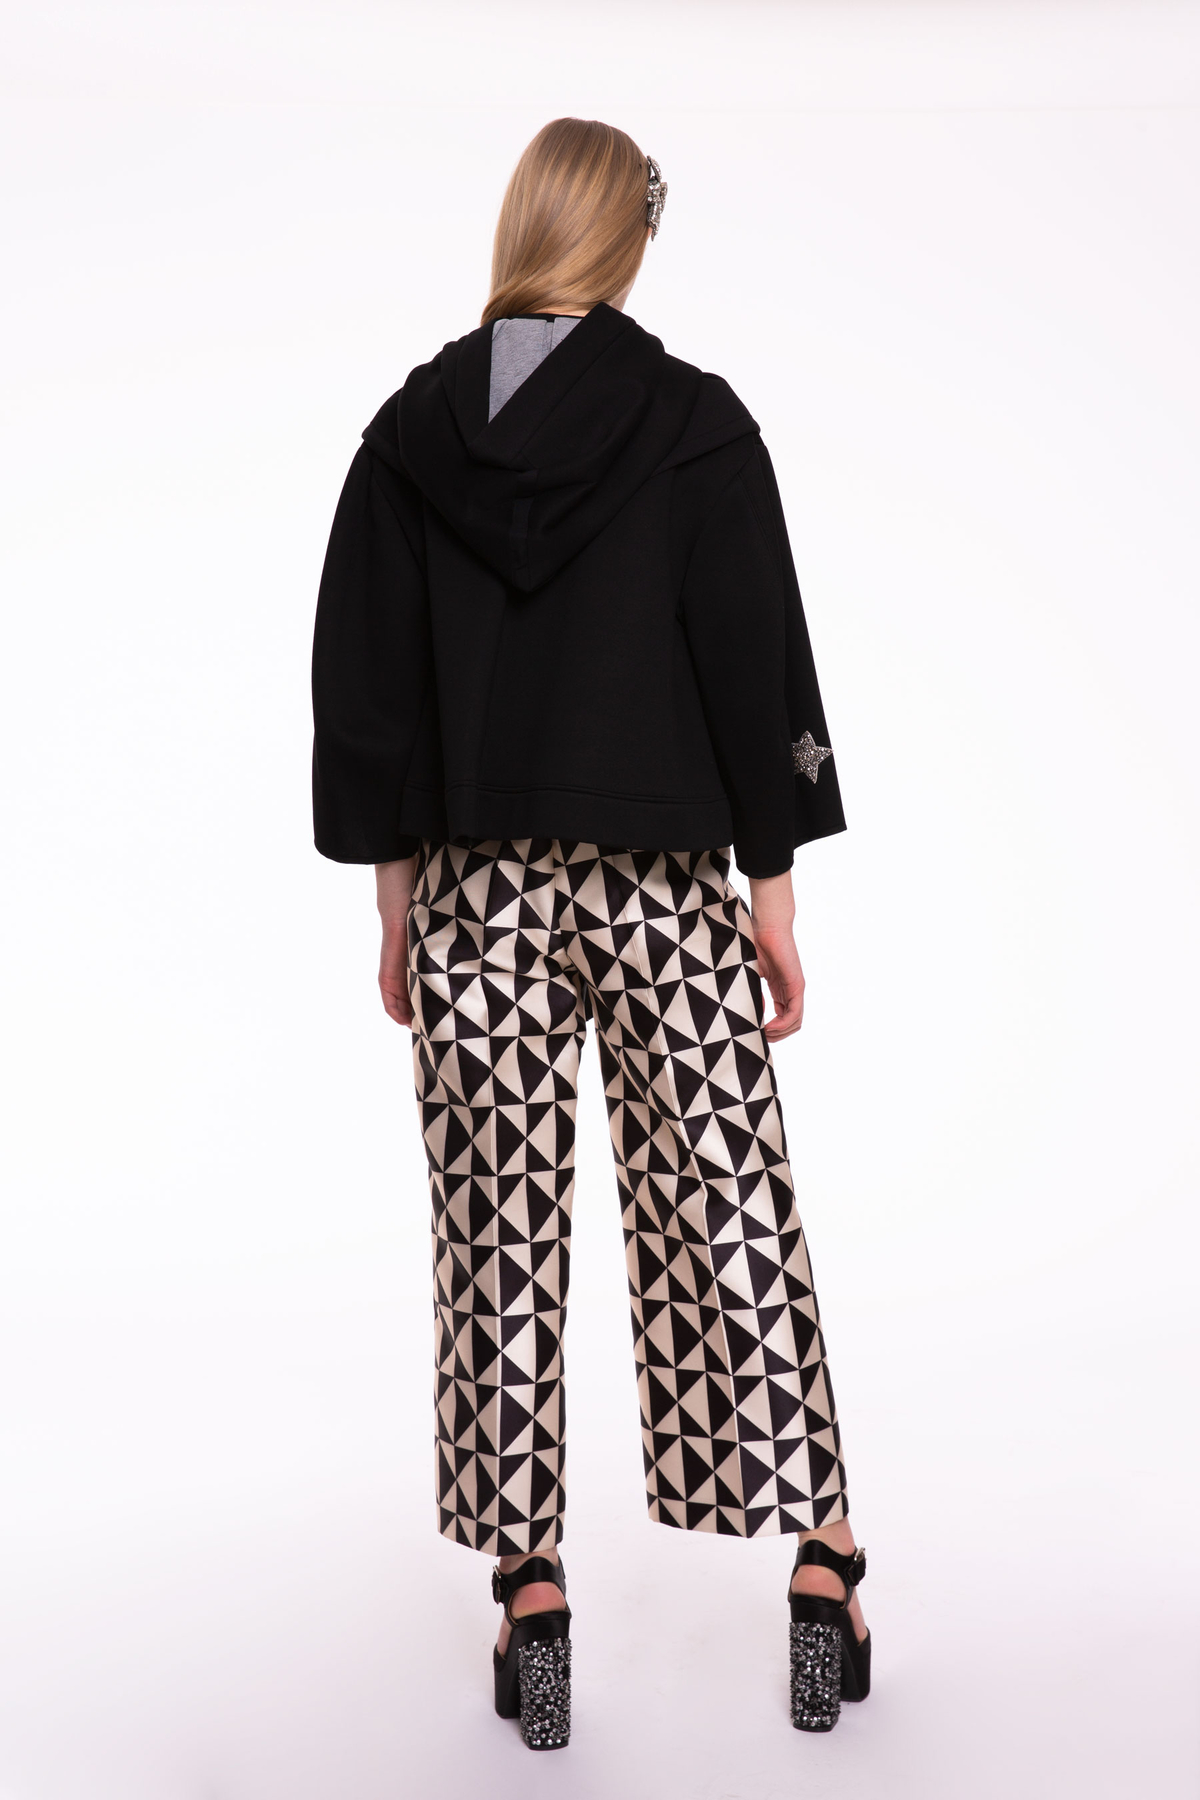 Taş İşlemeli Siyah Kısa Ceket